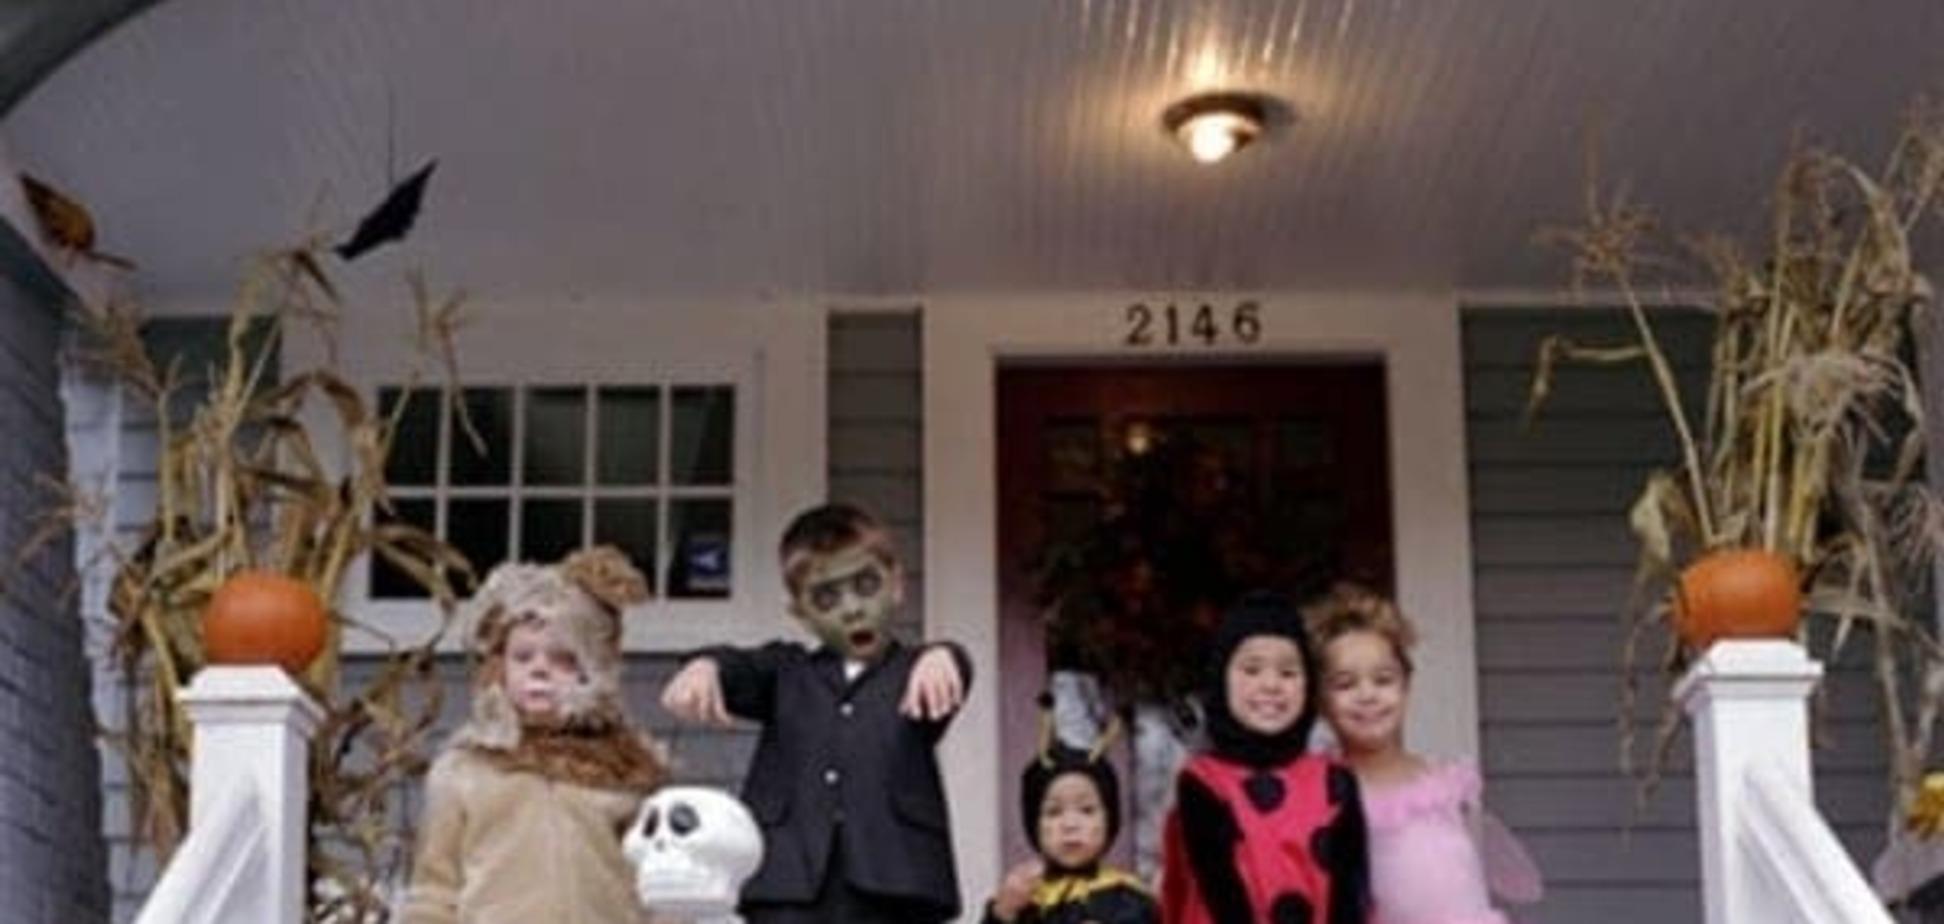 Хэллоуин - что это за праздник?